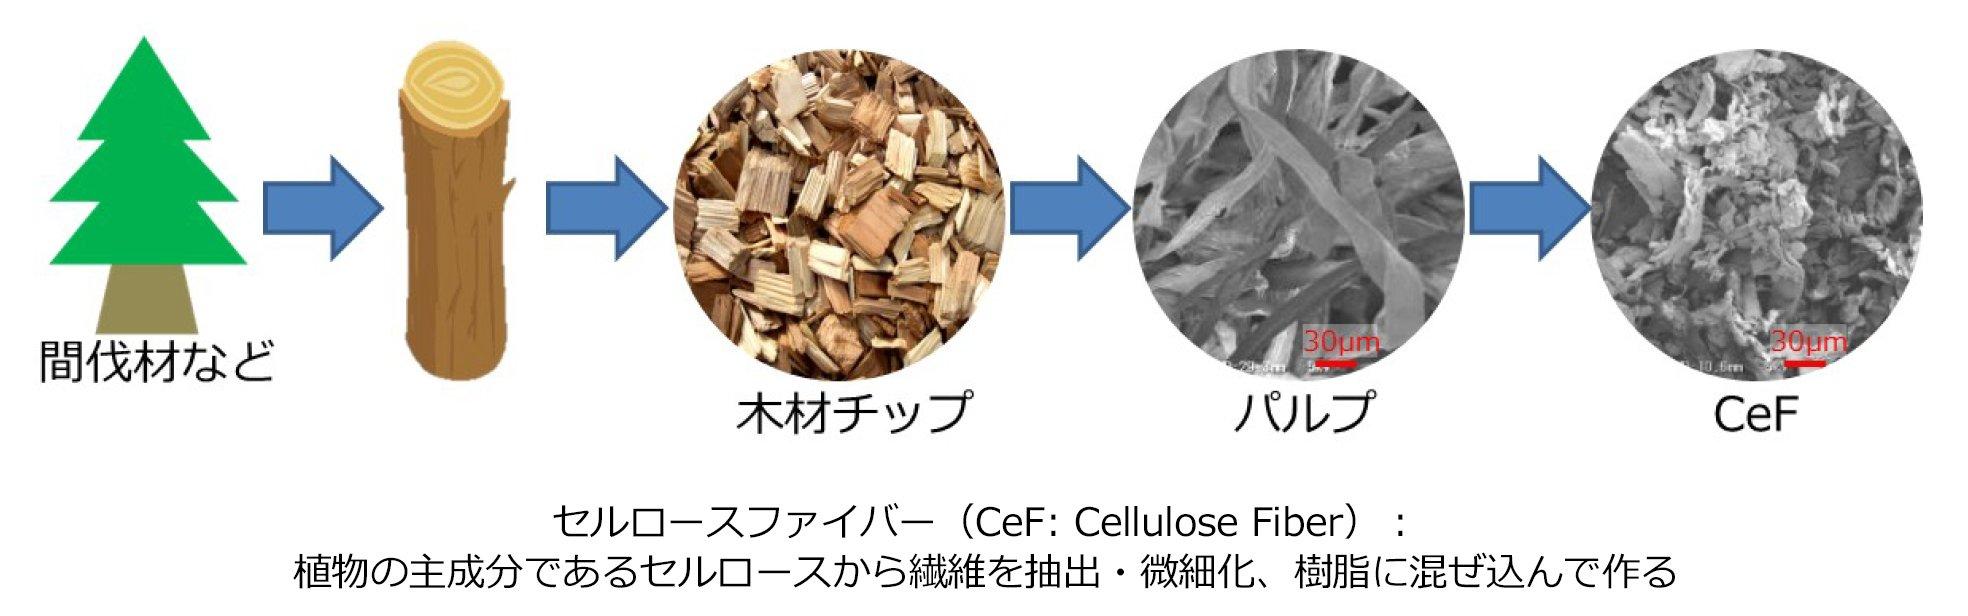 図:セルロースファイバー(CeF:Cellulose Fiber):植物の主成分であるセルロースから繊維を抽出・微細化、樹脂に混ぜ込んで作る